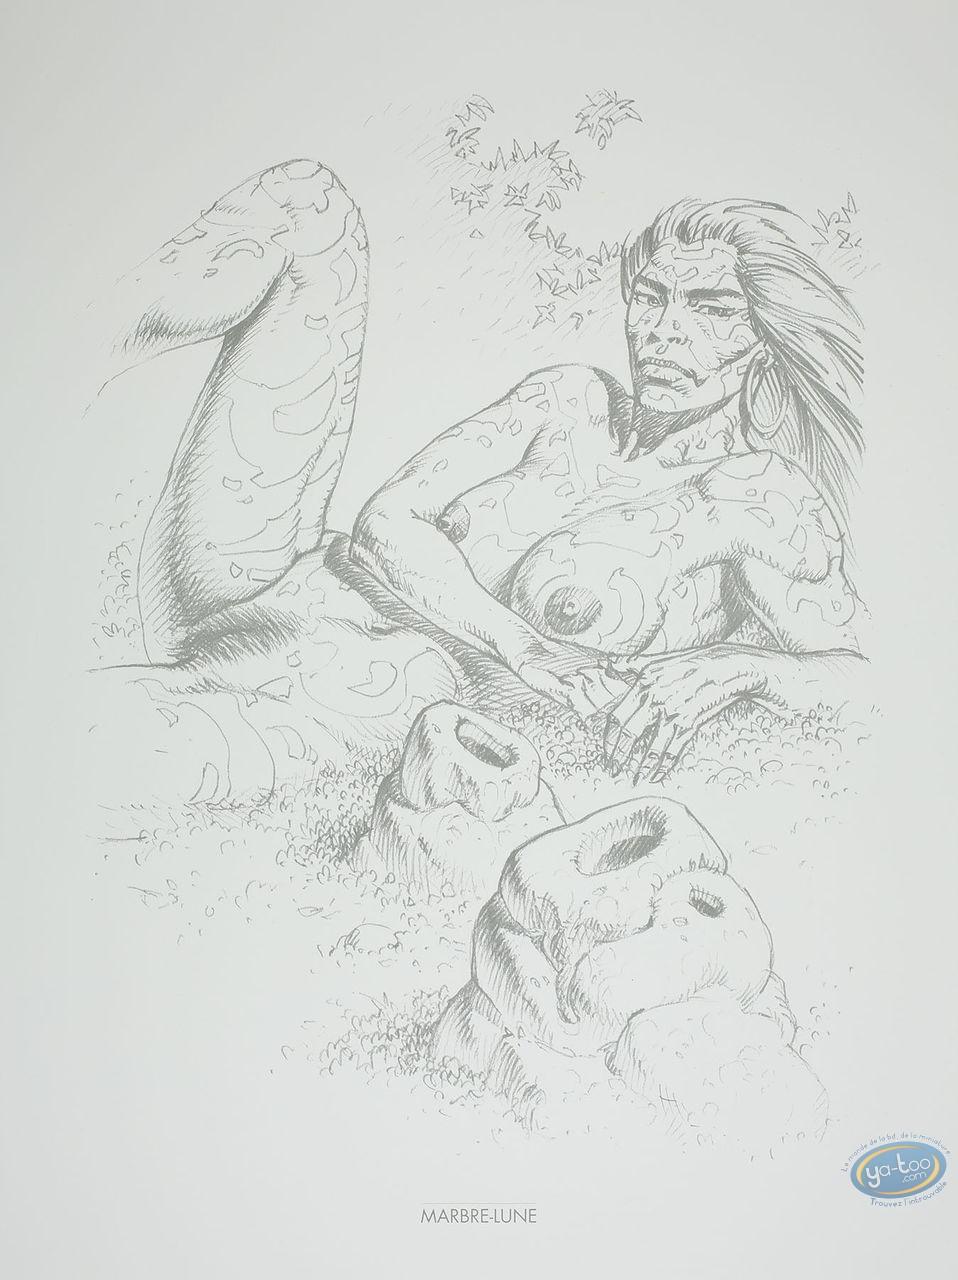 Affiche Offset, Amazones : Marbre-Lune